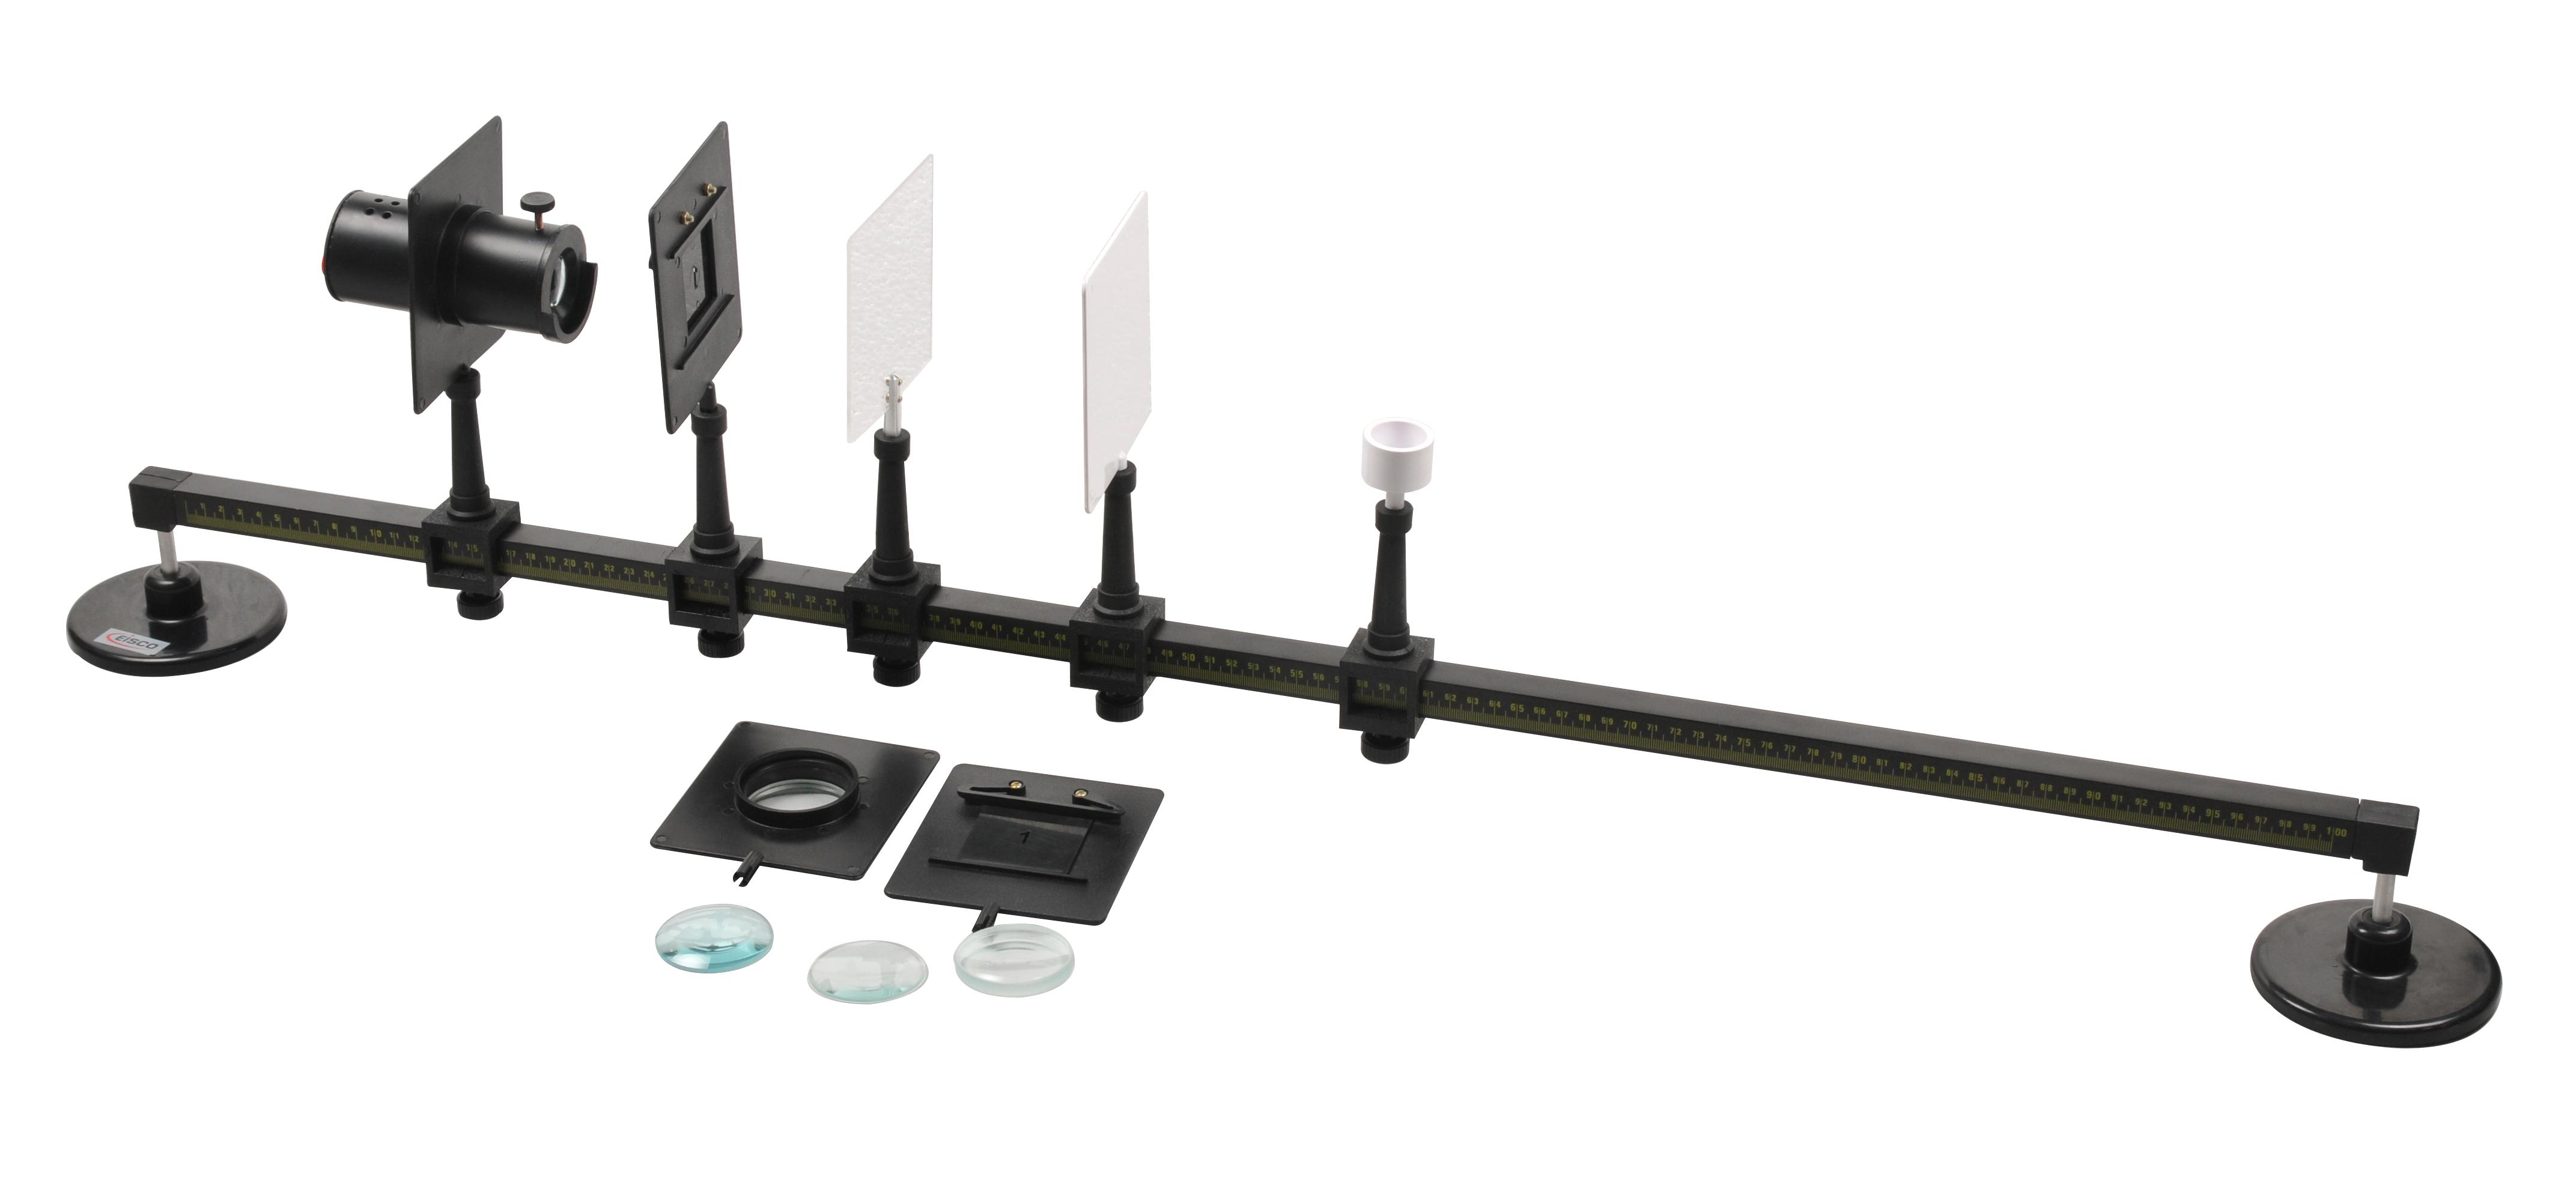 Basic Optical Bench Scientificsonline Com